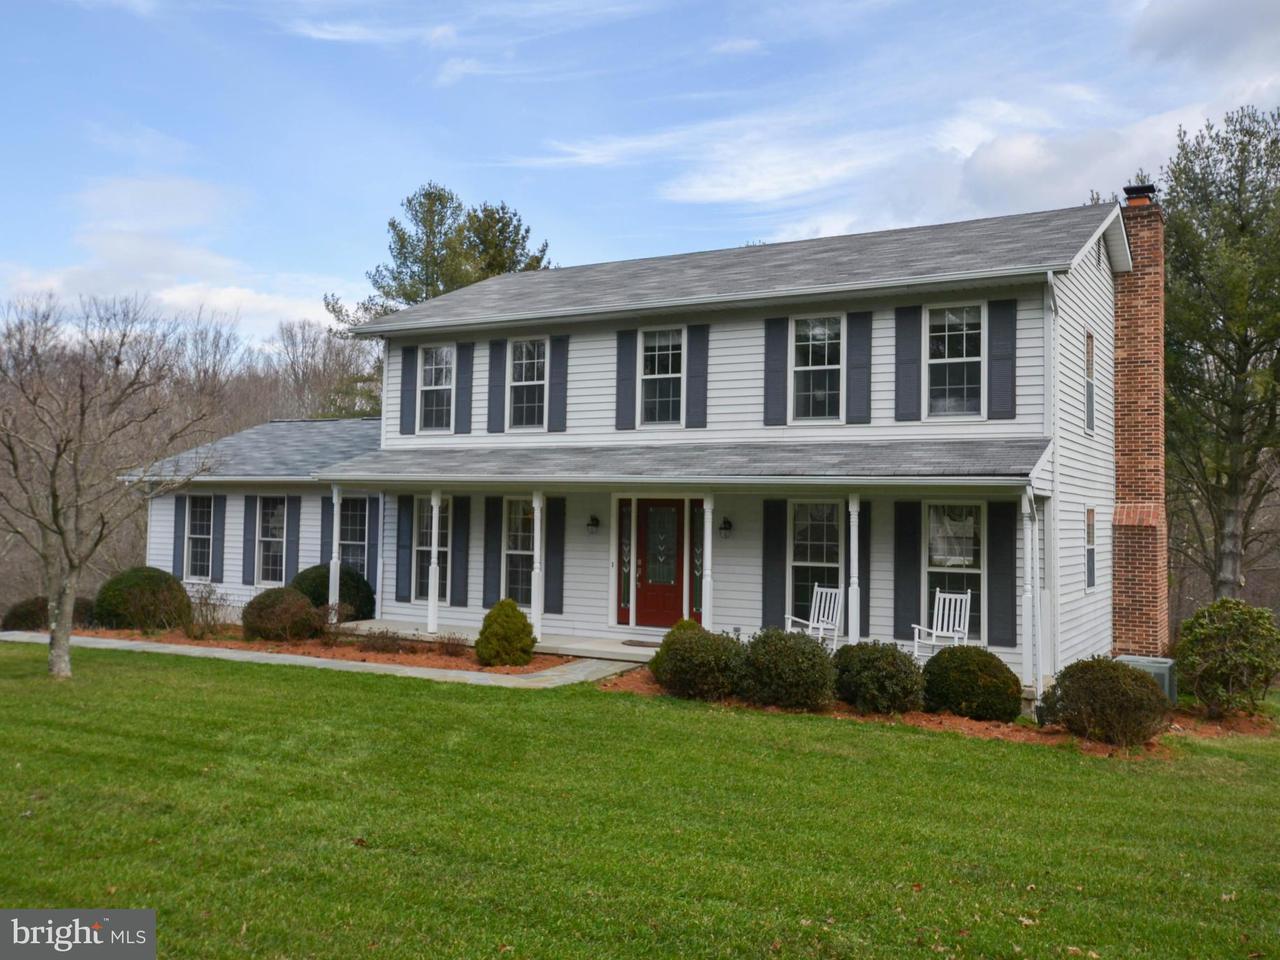 Single Family Home for Sale at 4433 INDIGO Lane 4433 INDIGO Lane Harwood, Maryland 20776 United States